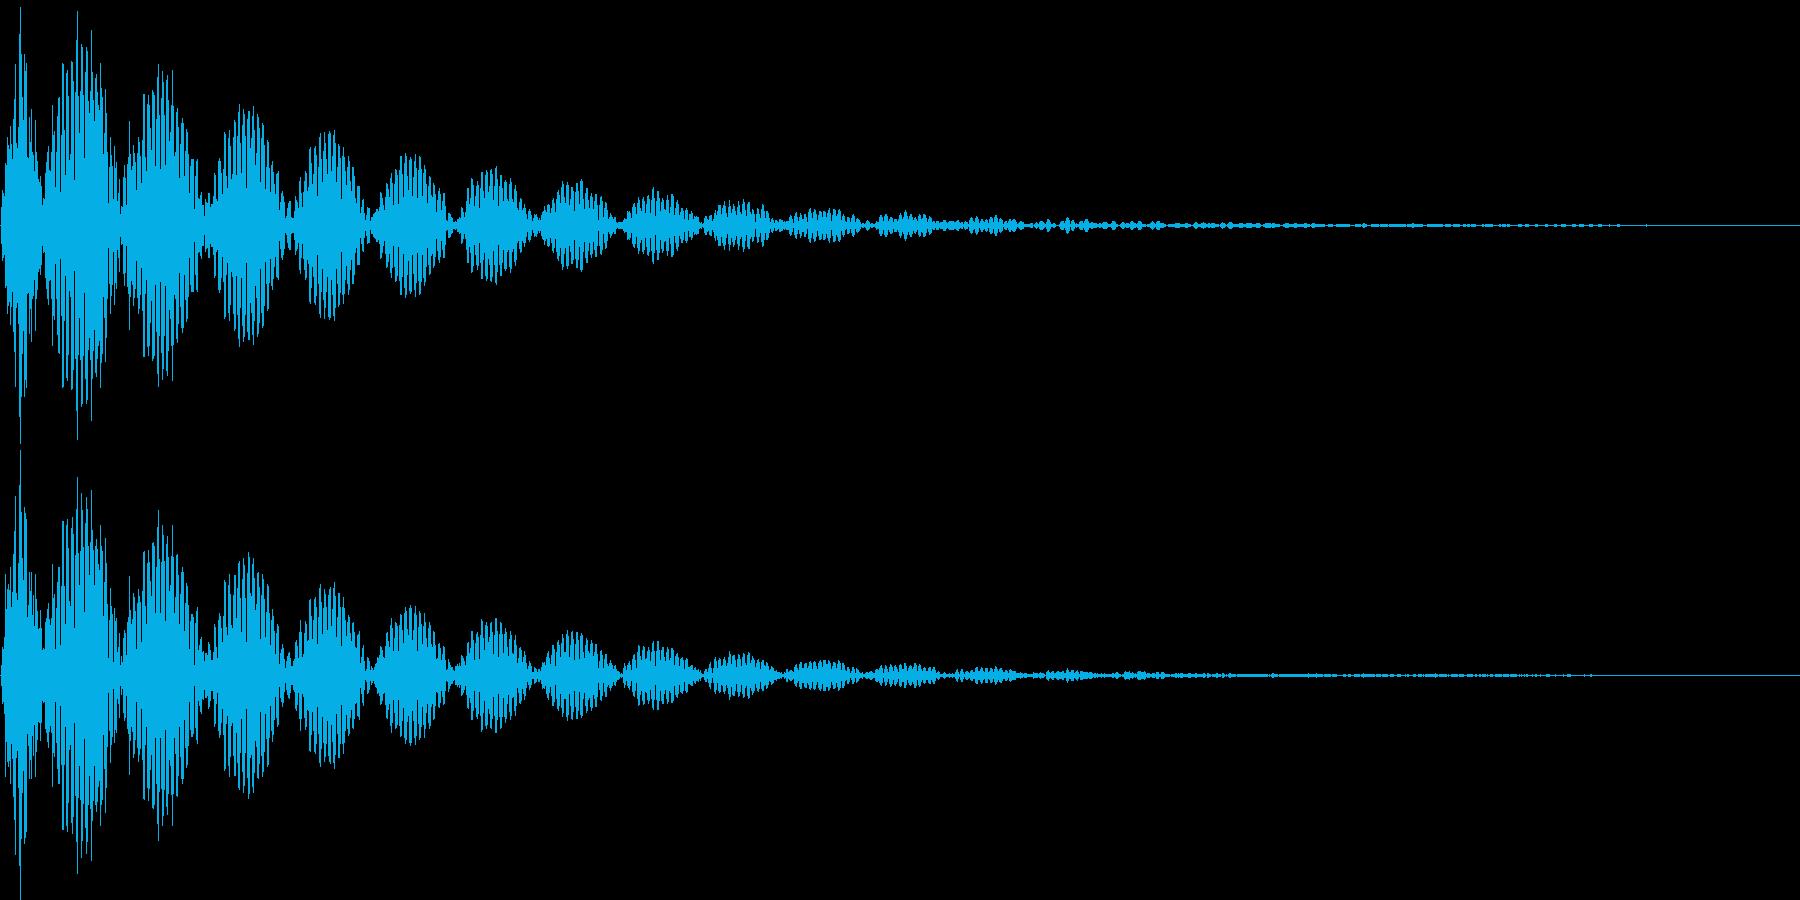 デン(キャンセル、失敗、行き止まり)の再生済みの波形